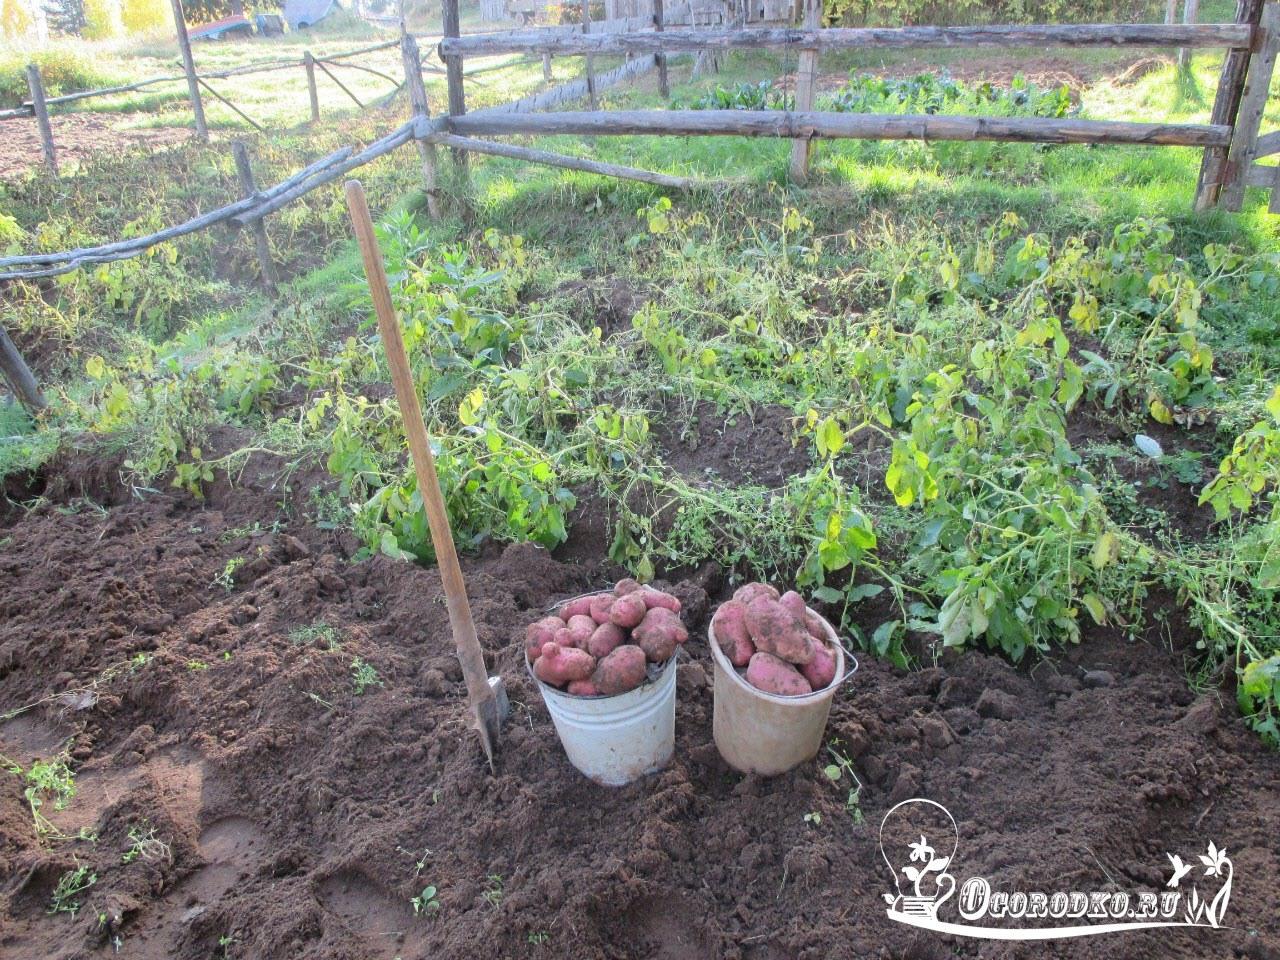 Ред скарлет картофель характеристика